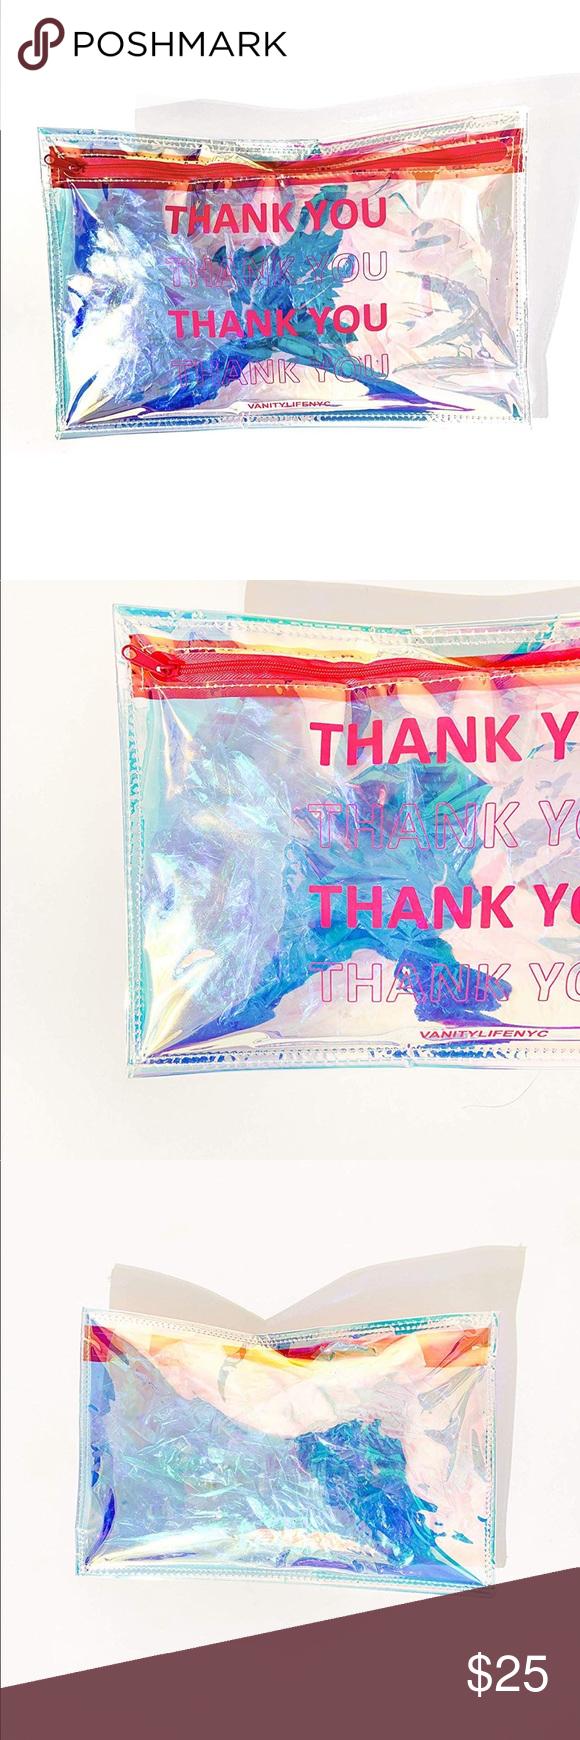 Holographic Iridescent Cosmetic Makeup bag Makeup bag